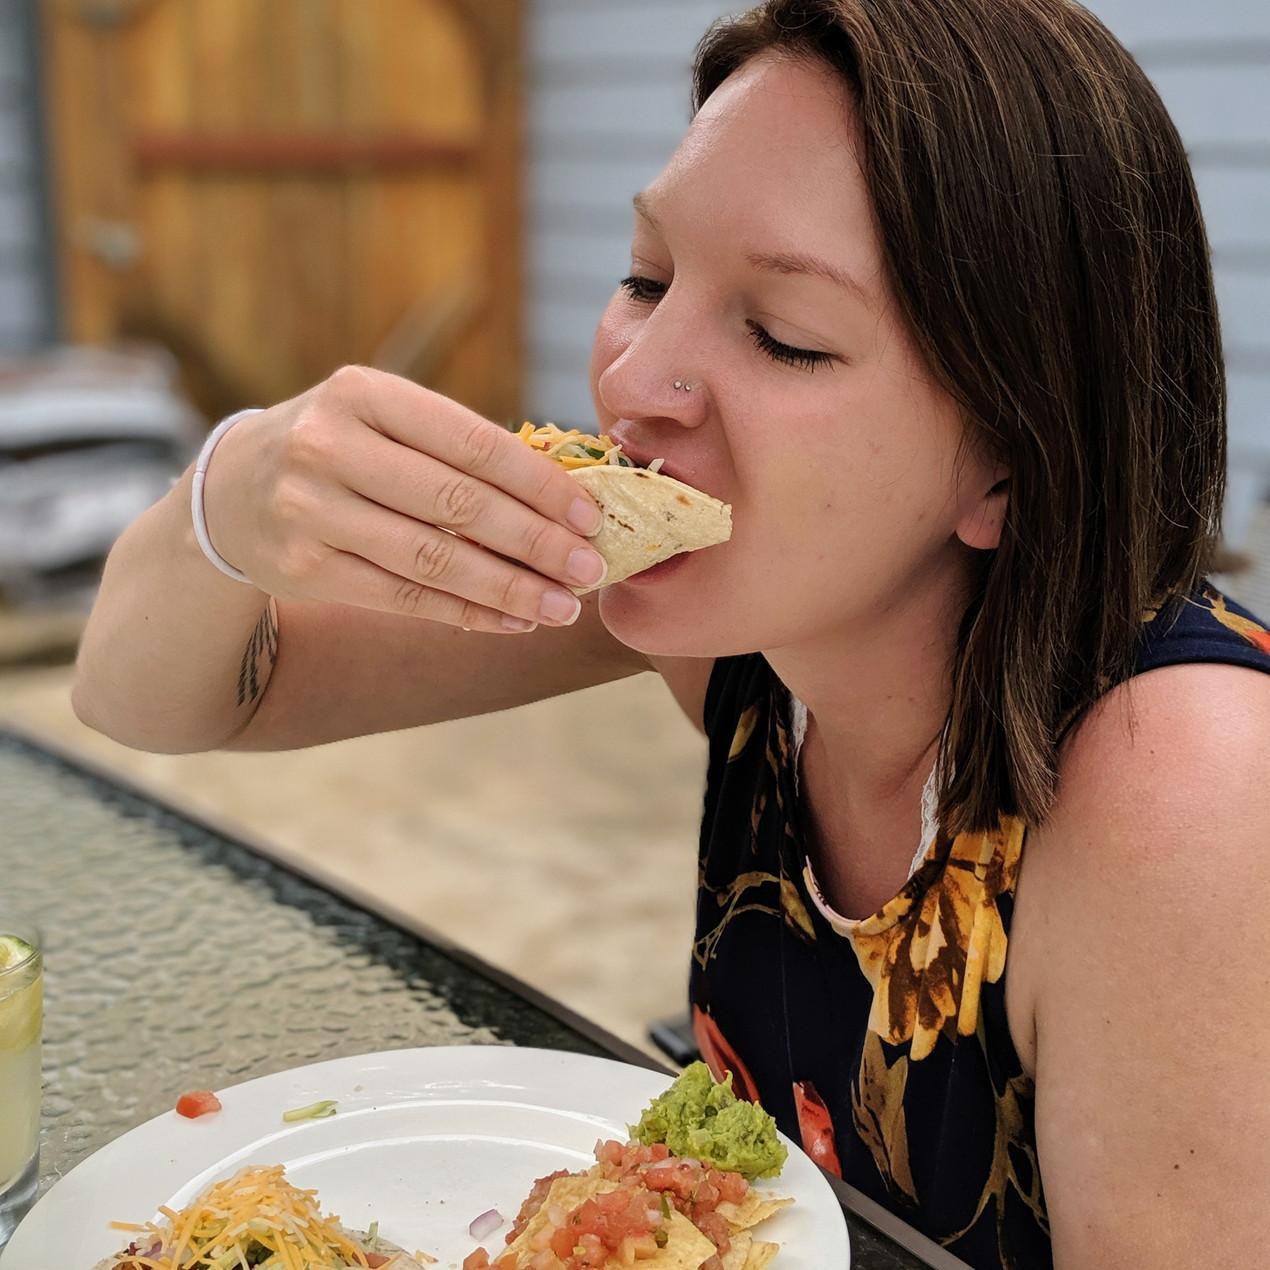 Me eating a shrimp taco